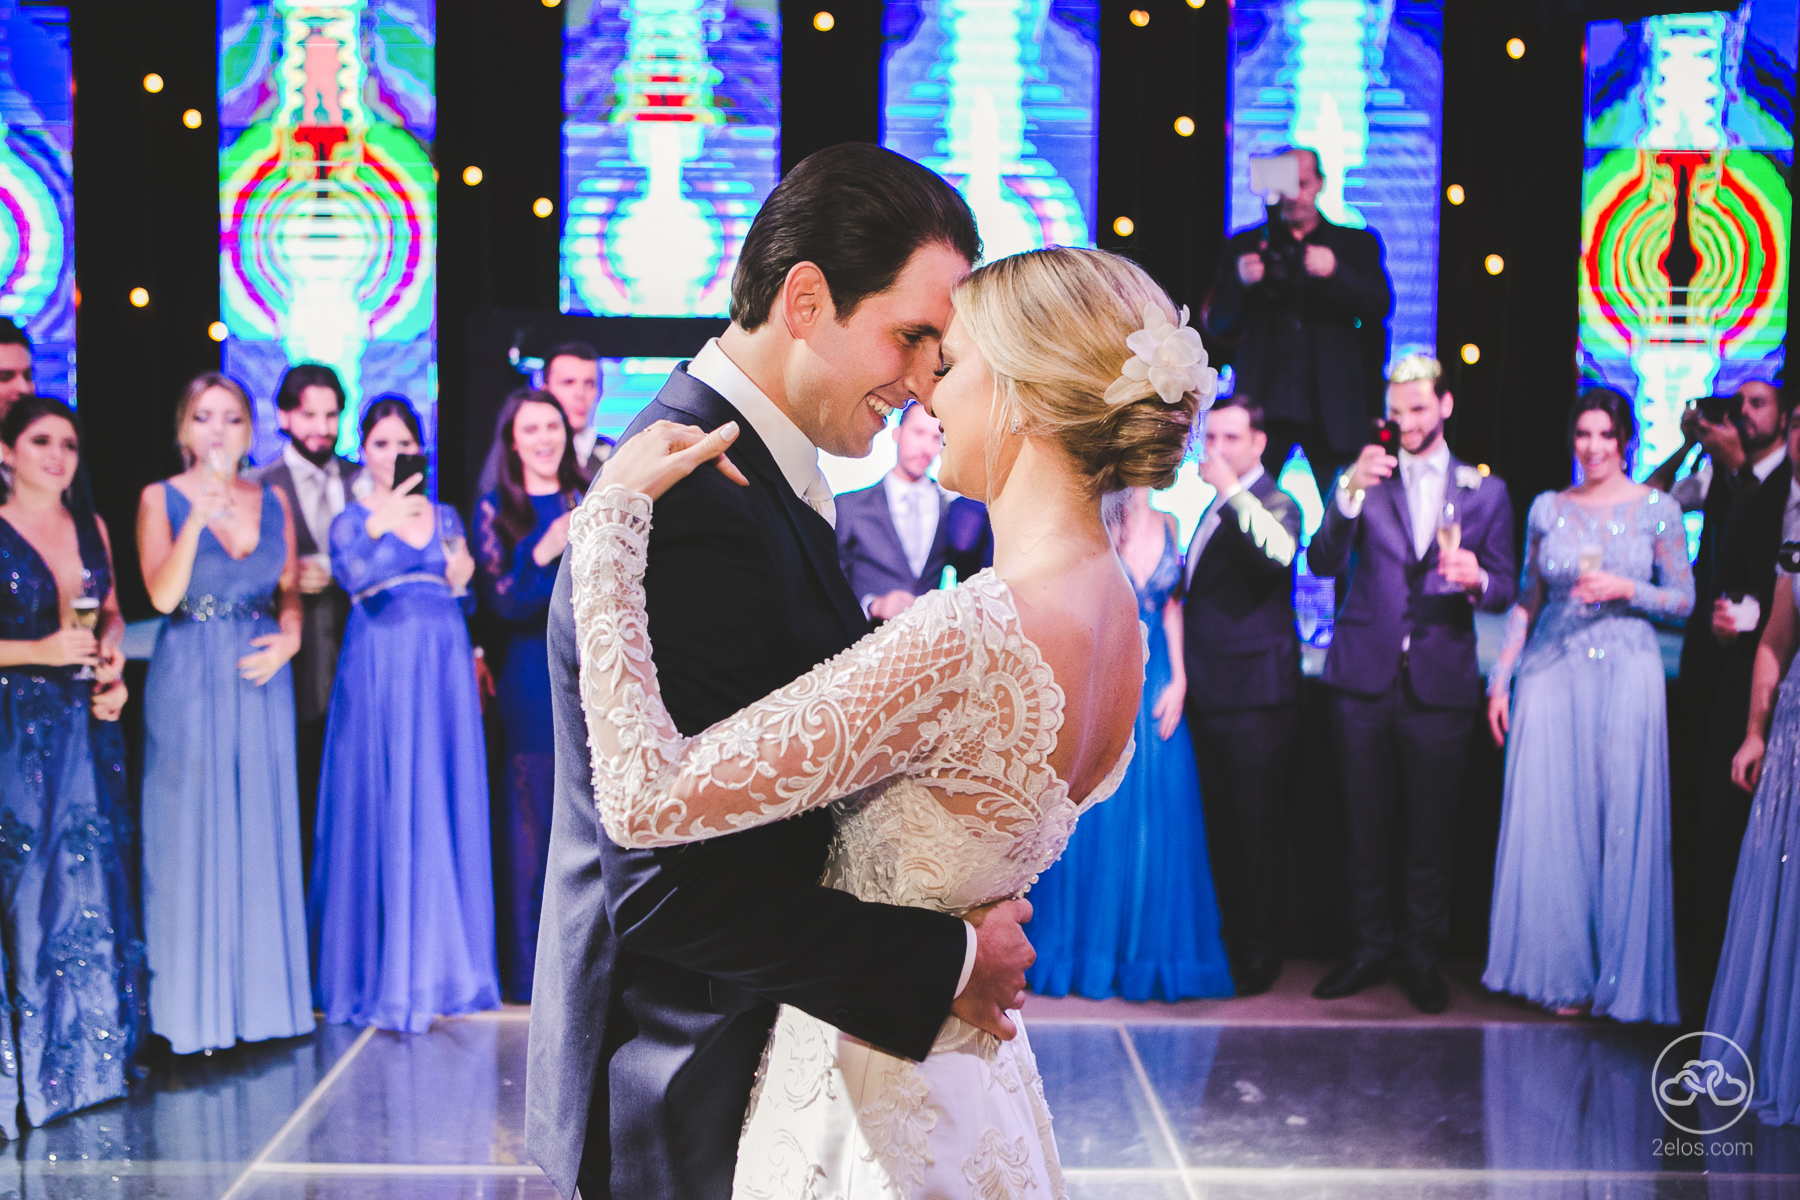 Músicas para primeira dança dos noivos: As mais tocadas segundo o Spotify